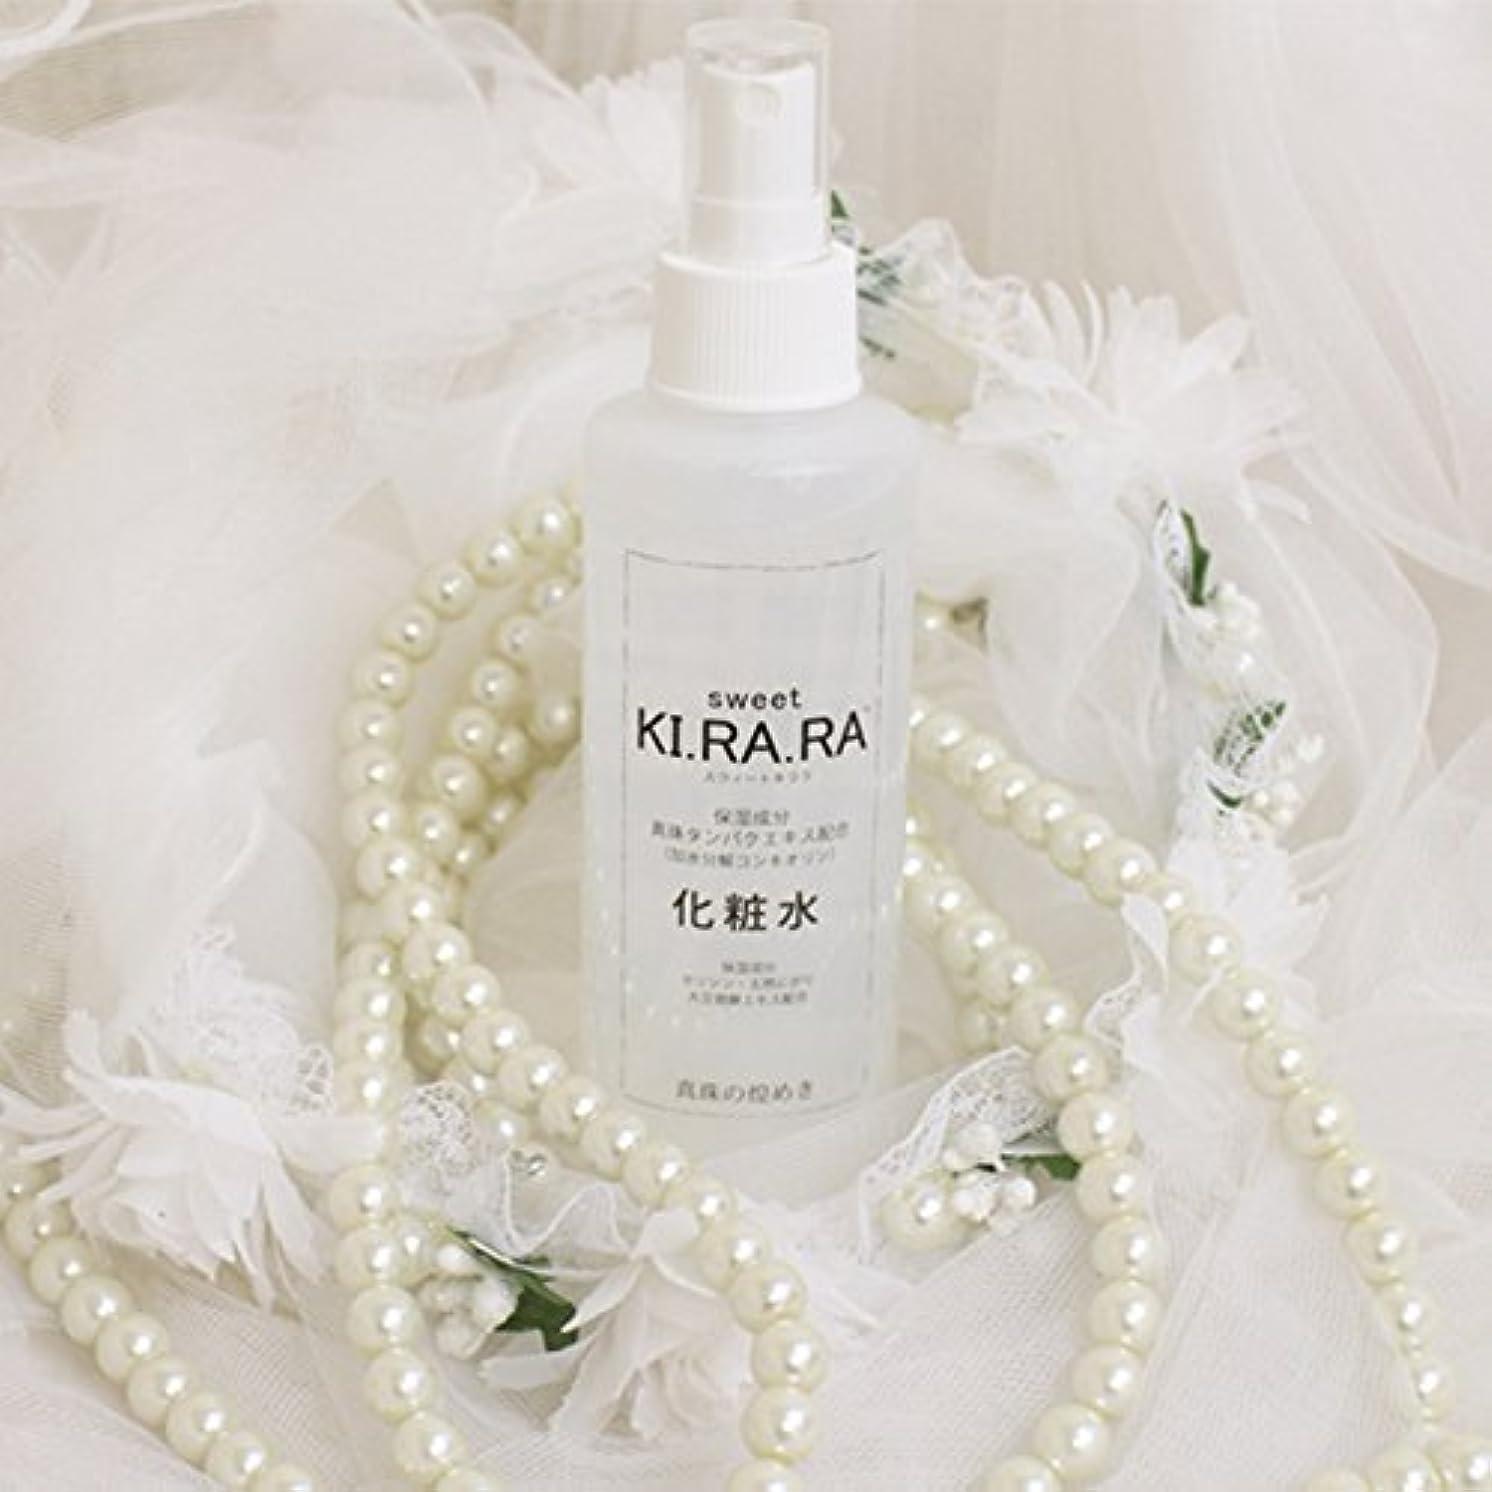 考案する情報めんどりsweet KI.RA.RA スウィートキララ 化粧水 ナチュラルローション 真珠タンパクエキス配合 150ml